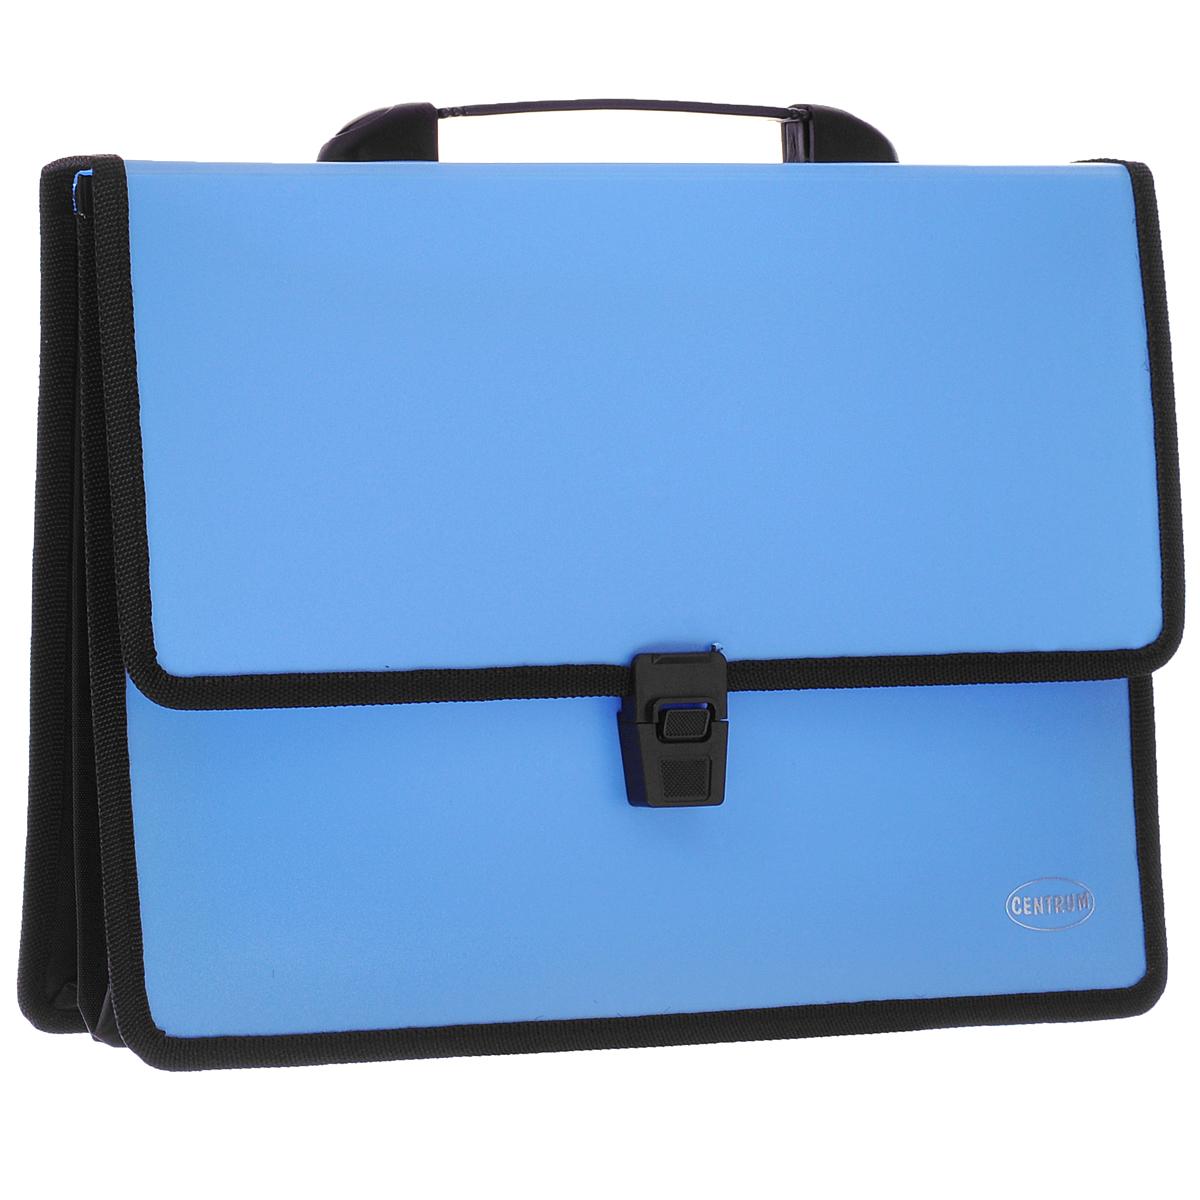 Папка-портфель Centrum, 2 отделения, с ручкой, цвет: голубой80610СПапка-портфель Centrum станет вашим верным помощником дома и в офисе. Это удобный и функциональный инструмент, предназначенный для хранения и транспортировки больших объемов рабочих бумаг и документов формата А4. Папка изготовлена из износостойкого высококачественного пластика толщиной 0,70 мм, и закрывается на широкий клапан с замком. Состоит из 2 вместительных отделений. Грани папки отделаны полиэстером, а уголки закруглены для обеспечения дополнительной прочности и сохранности опрятного вида папки. Папка имеет удобную ручку для переноски. Папка - это незаменимый атрибут для любого студента, школьника или офисного работника. Такая папка надежно сохранит ваши бумаги и сбережет их от повреждений, пыли и влаги.